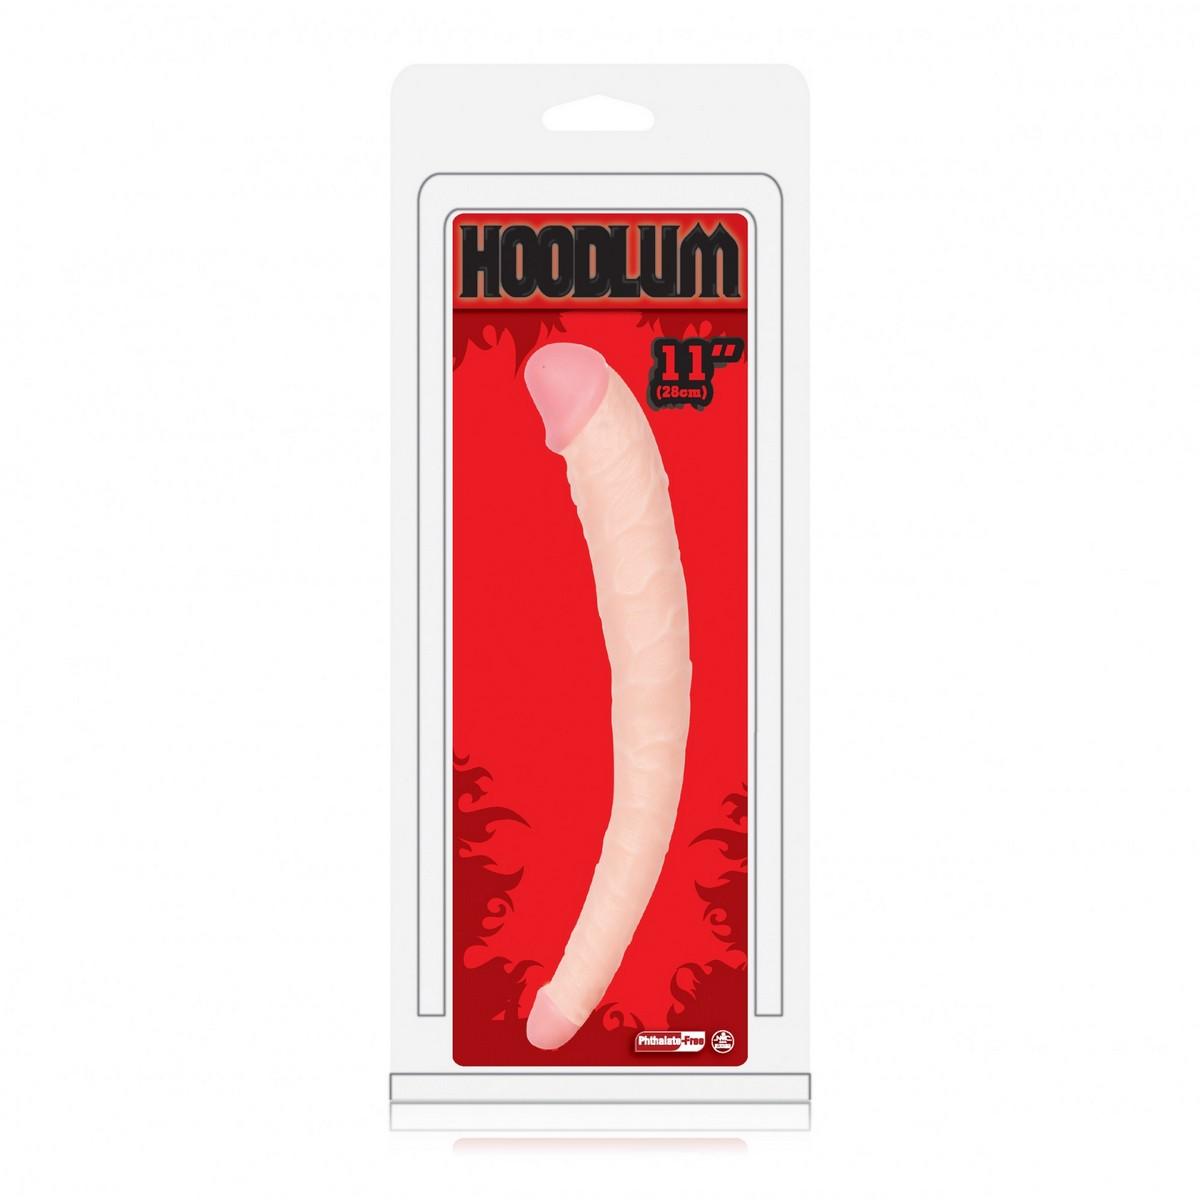 Двусторонний фаллоимитатор Hoodlum - 28 см. - фото 245112